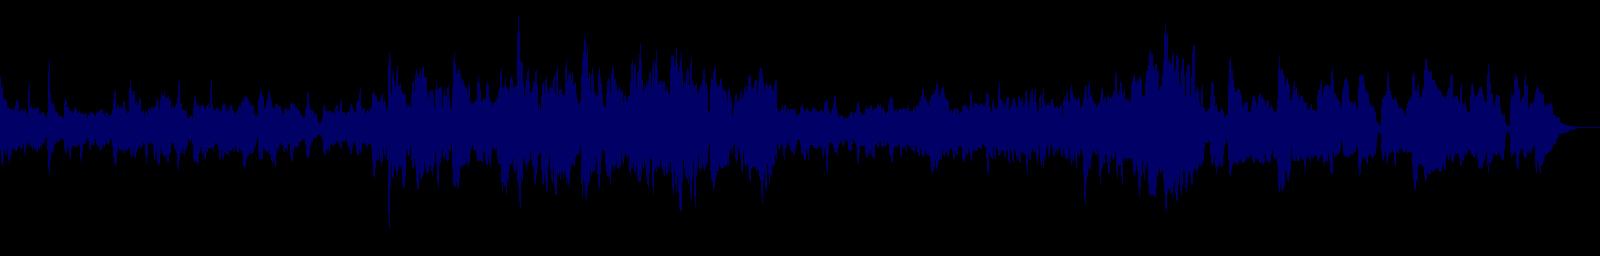 waveform of track #102485